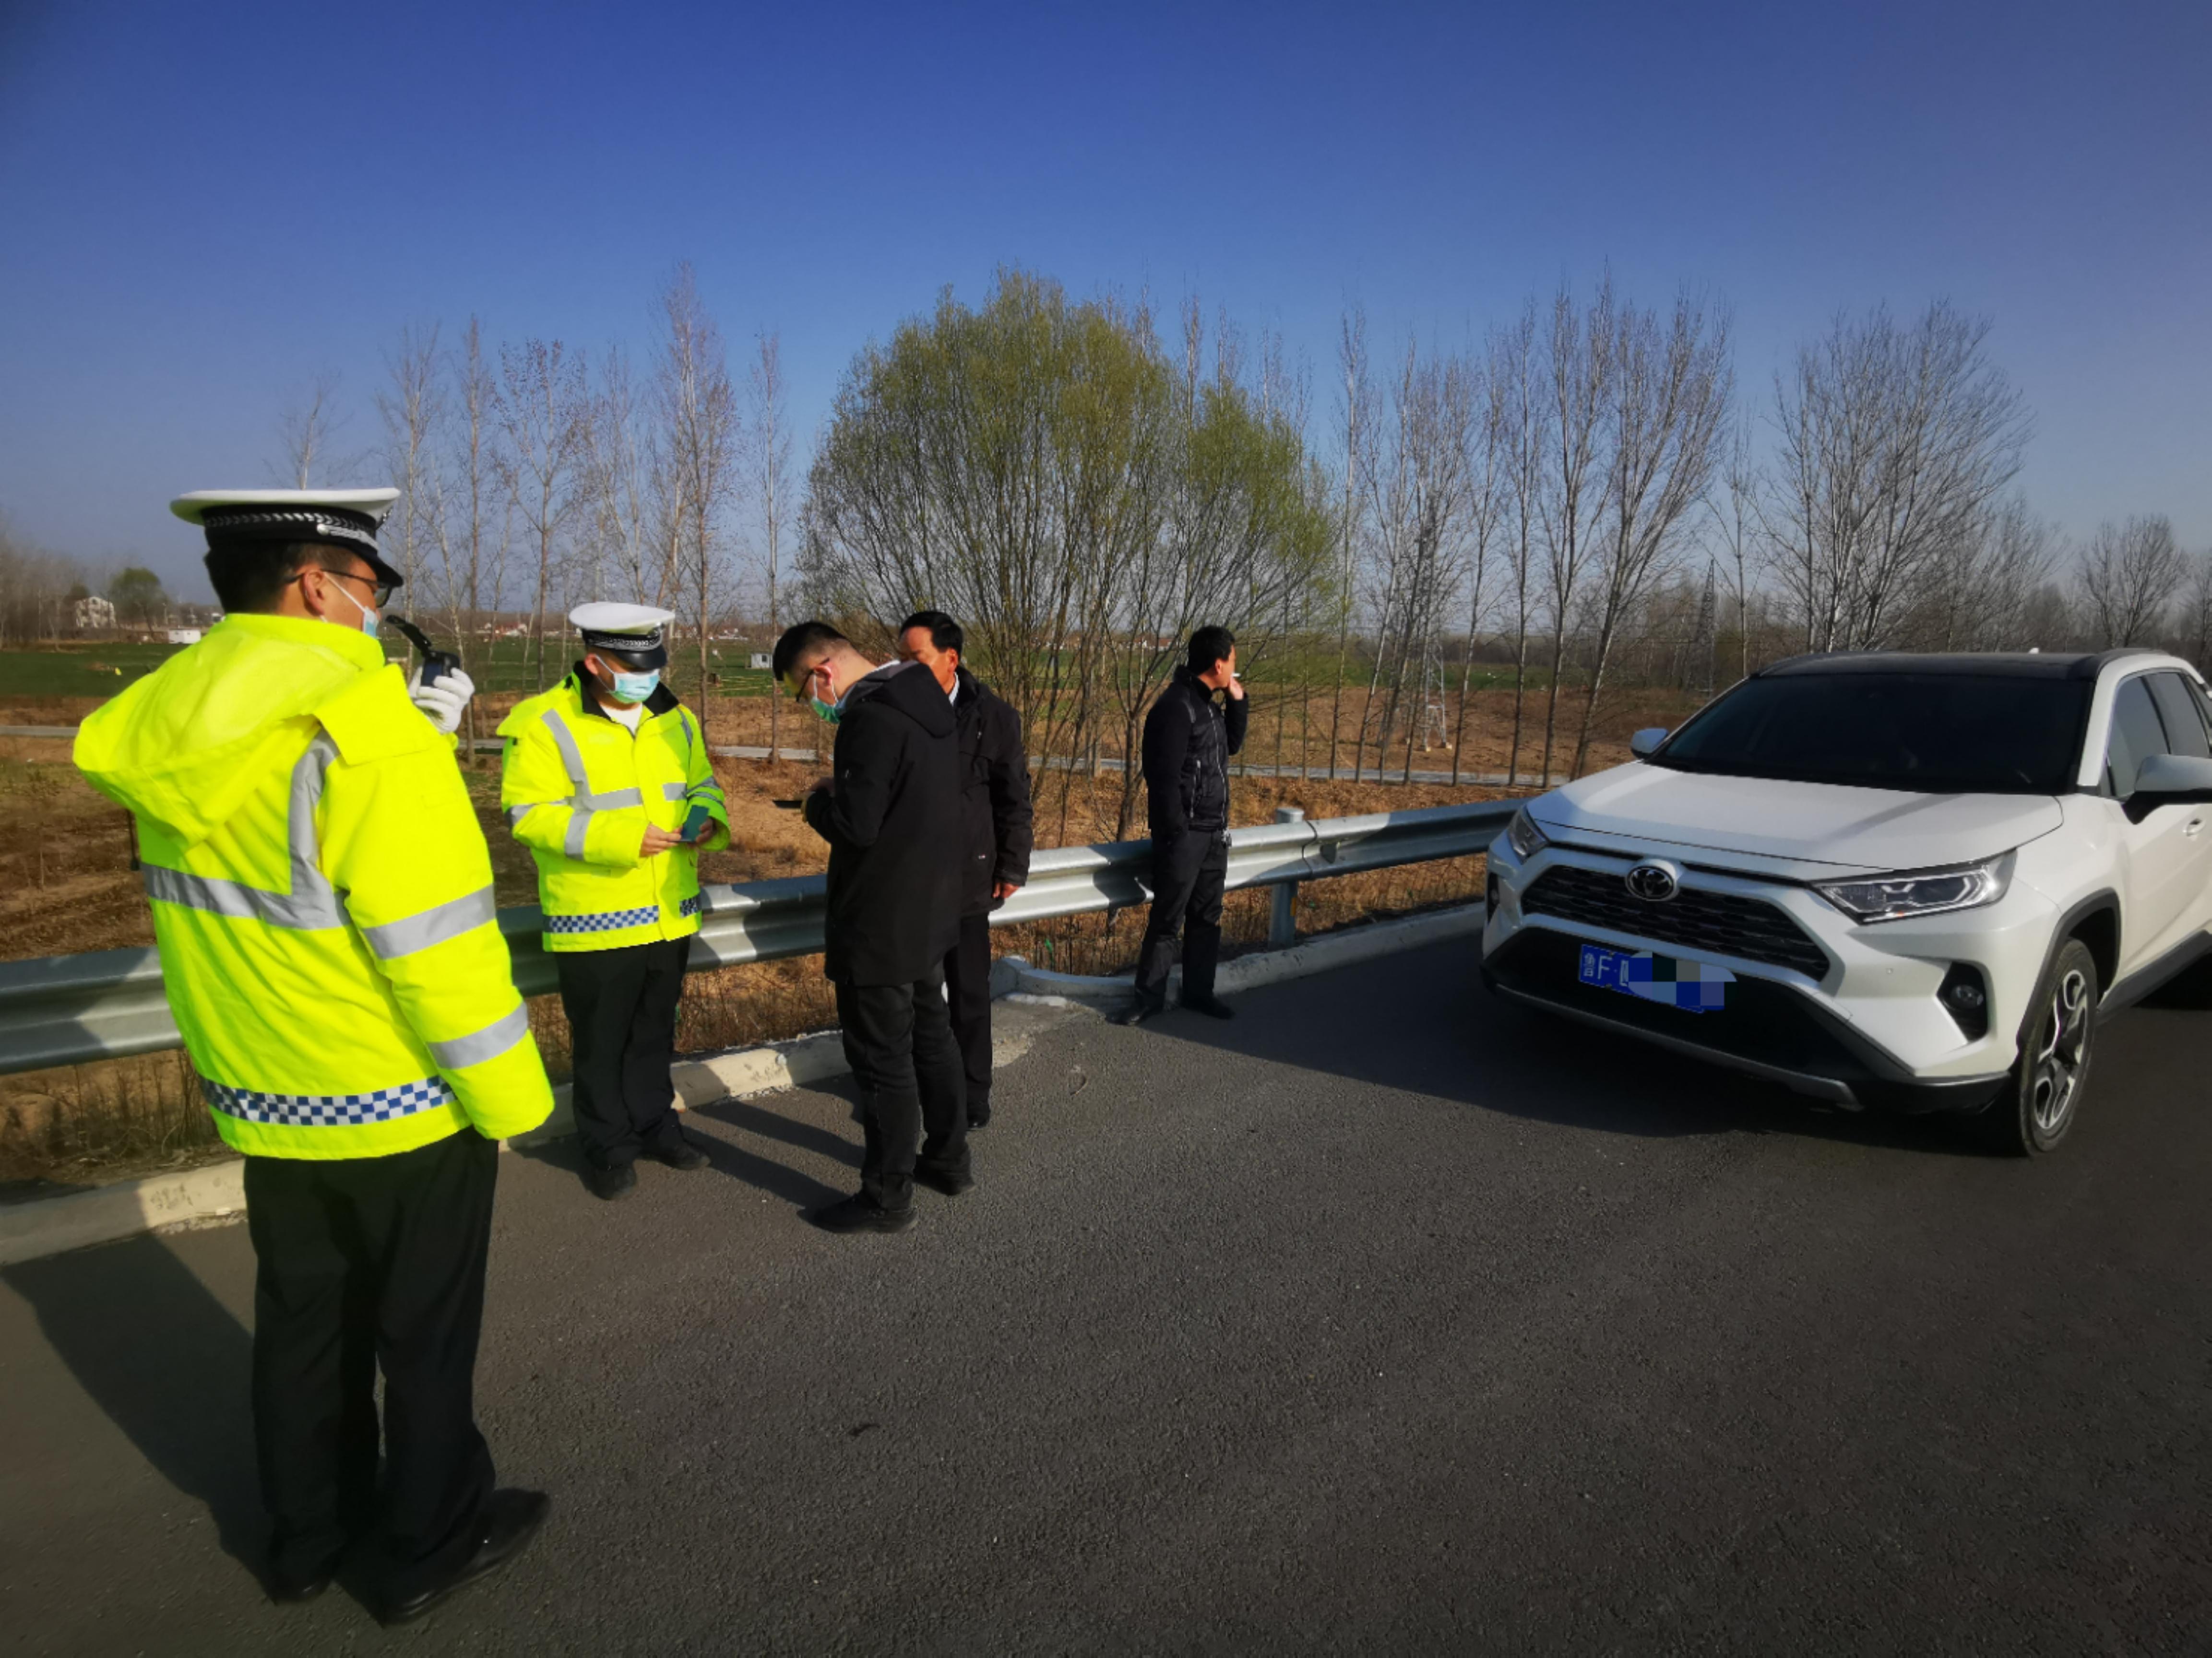 高速应急车道换司机!被交警抓个正着,司机被依法处罚